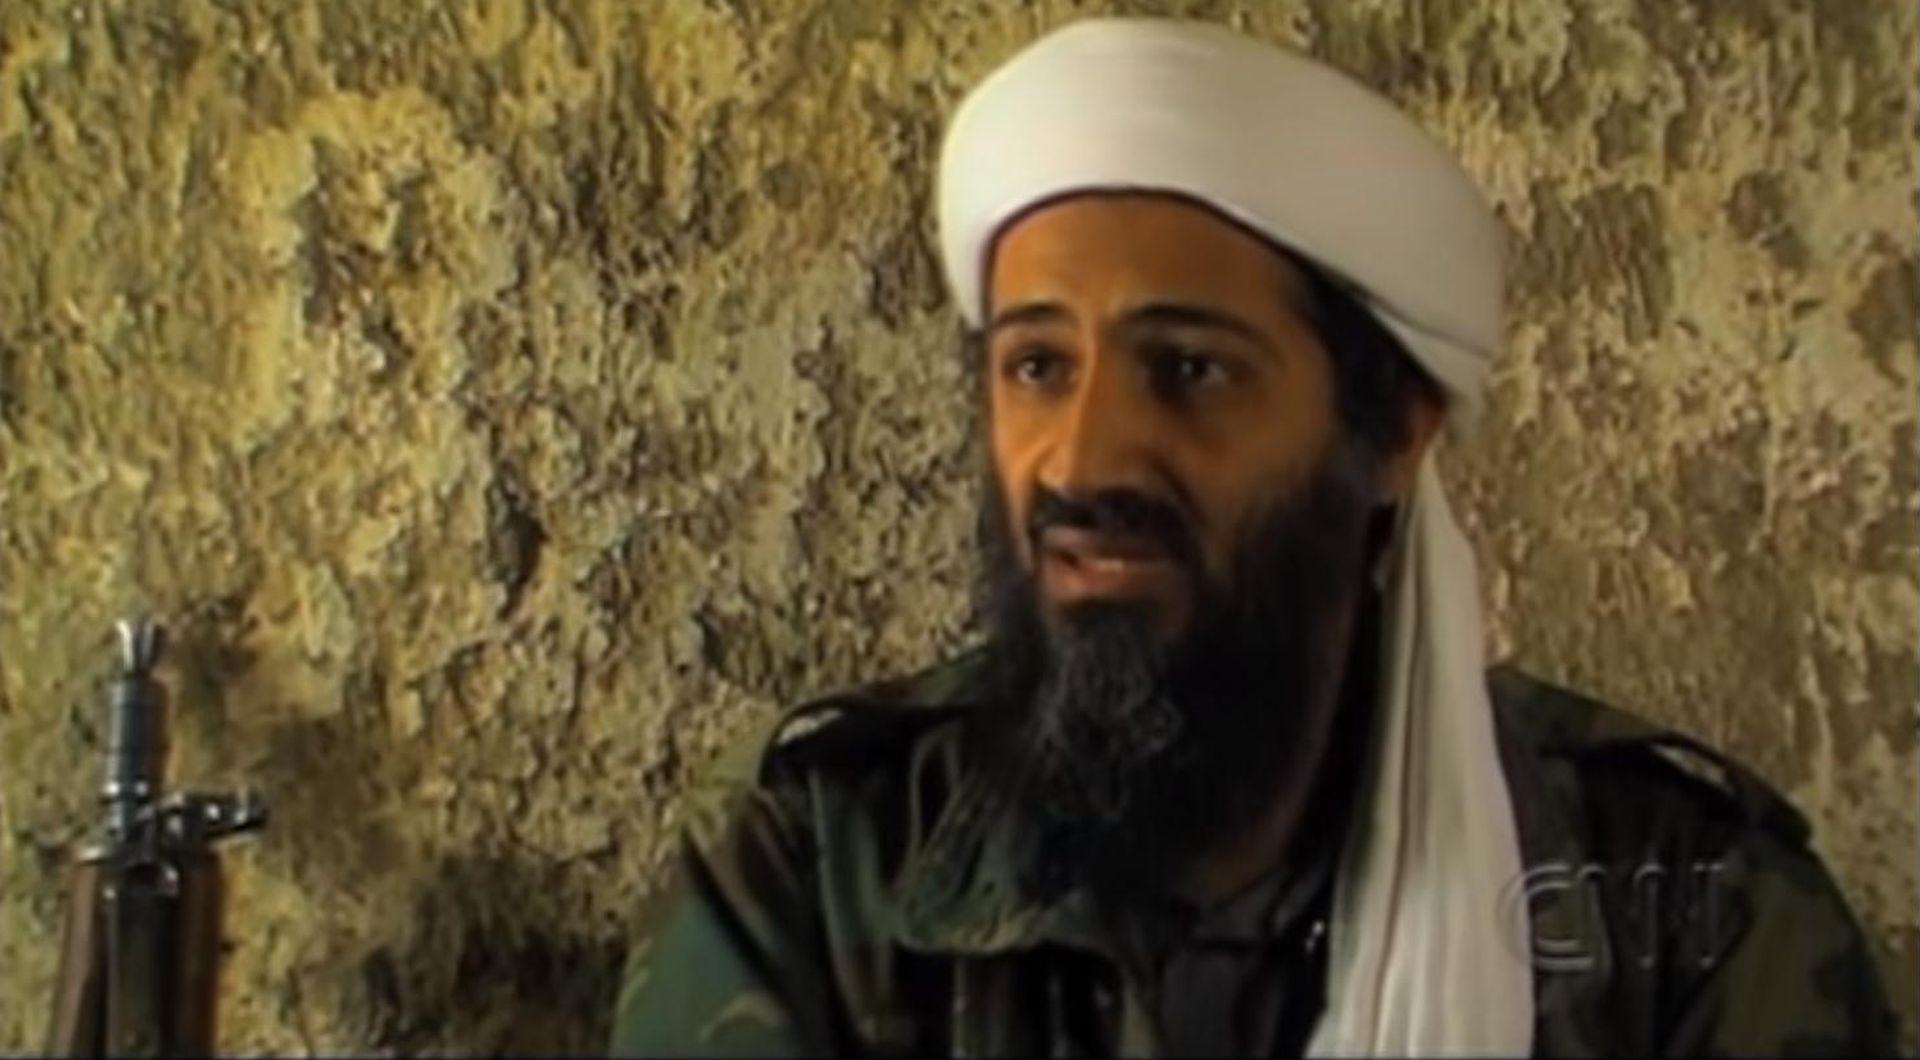 Bin Ladenov sin poziva džihadiste u Siriji na jedinstvo